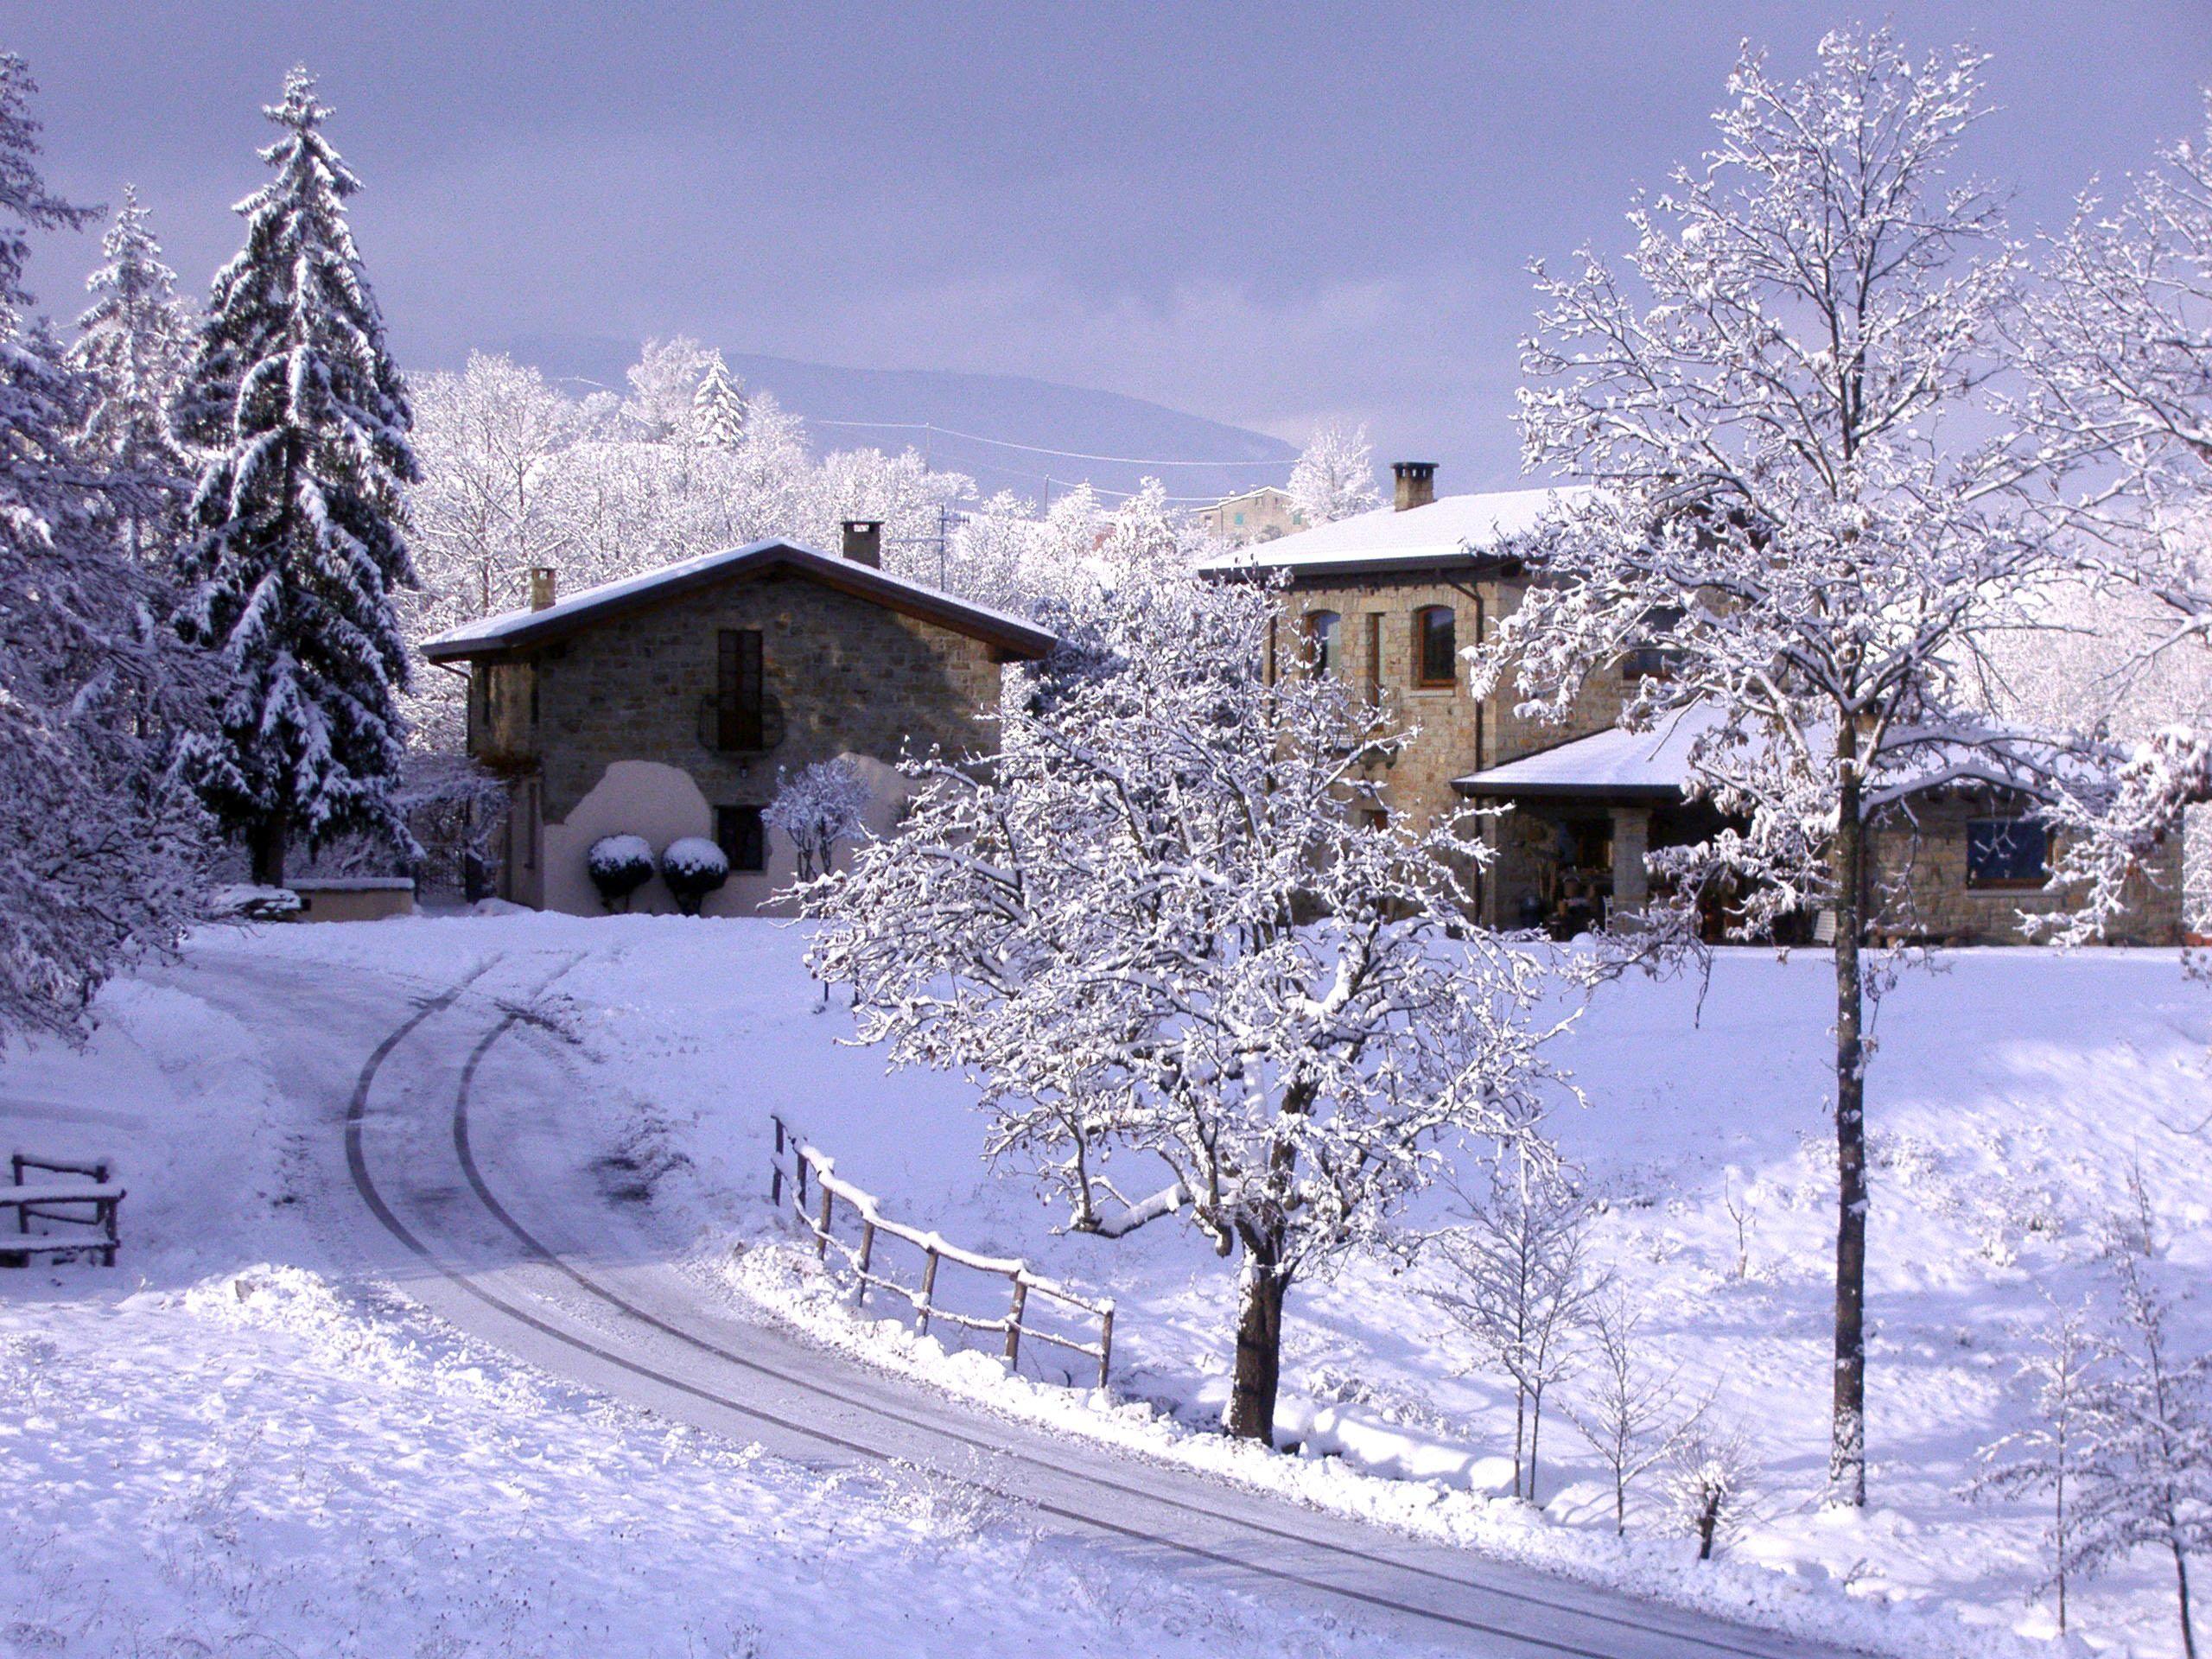 San valentino sulla neve roccaraso madesimo e paneveggio - Immagini da colorare la neve ...